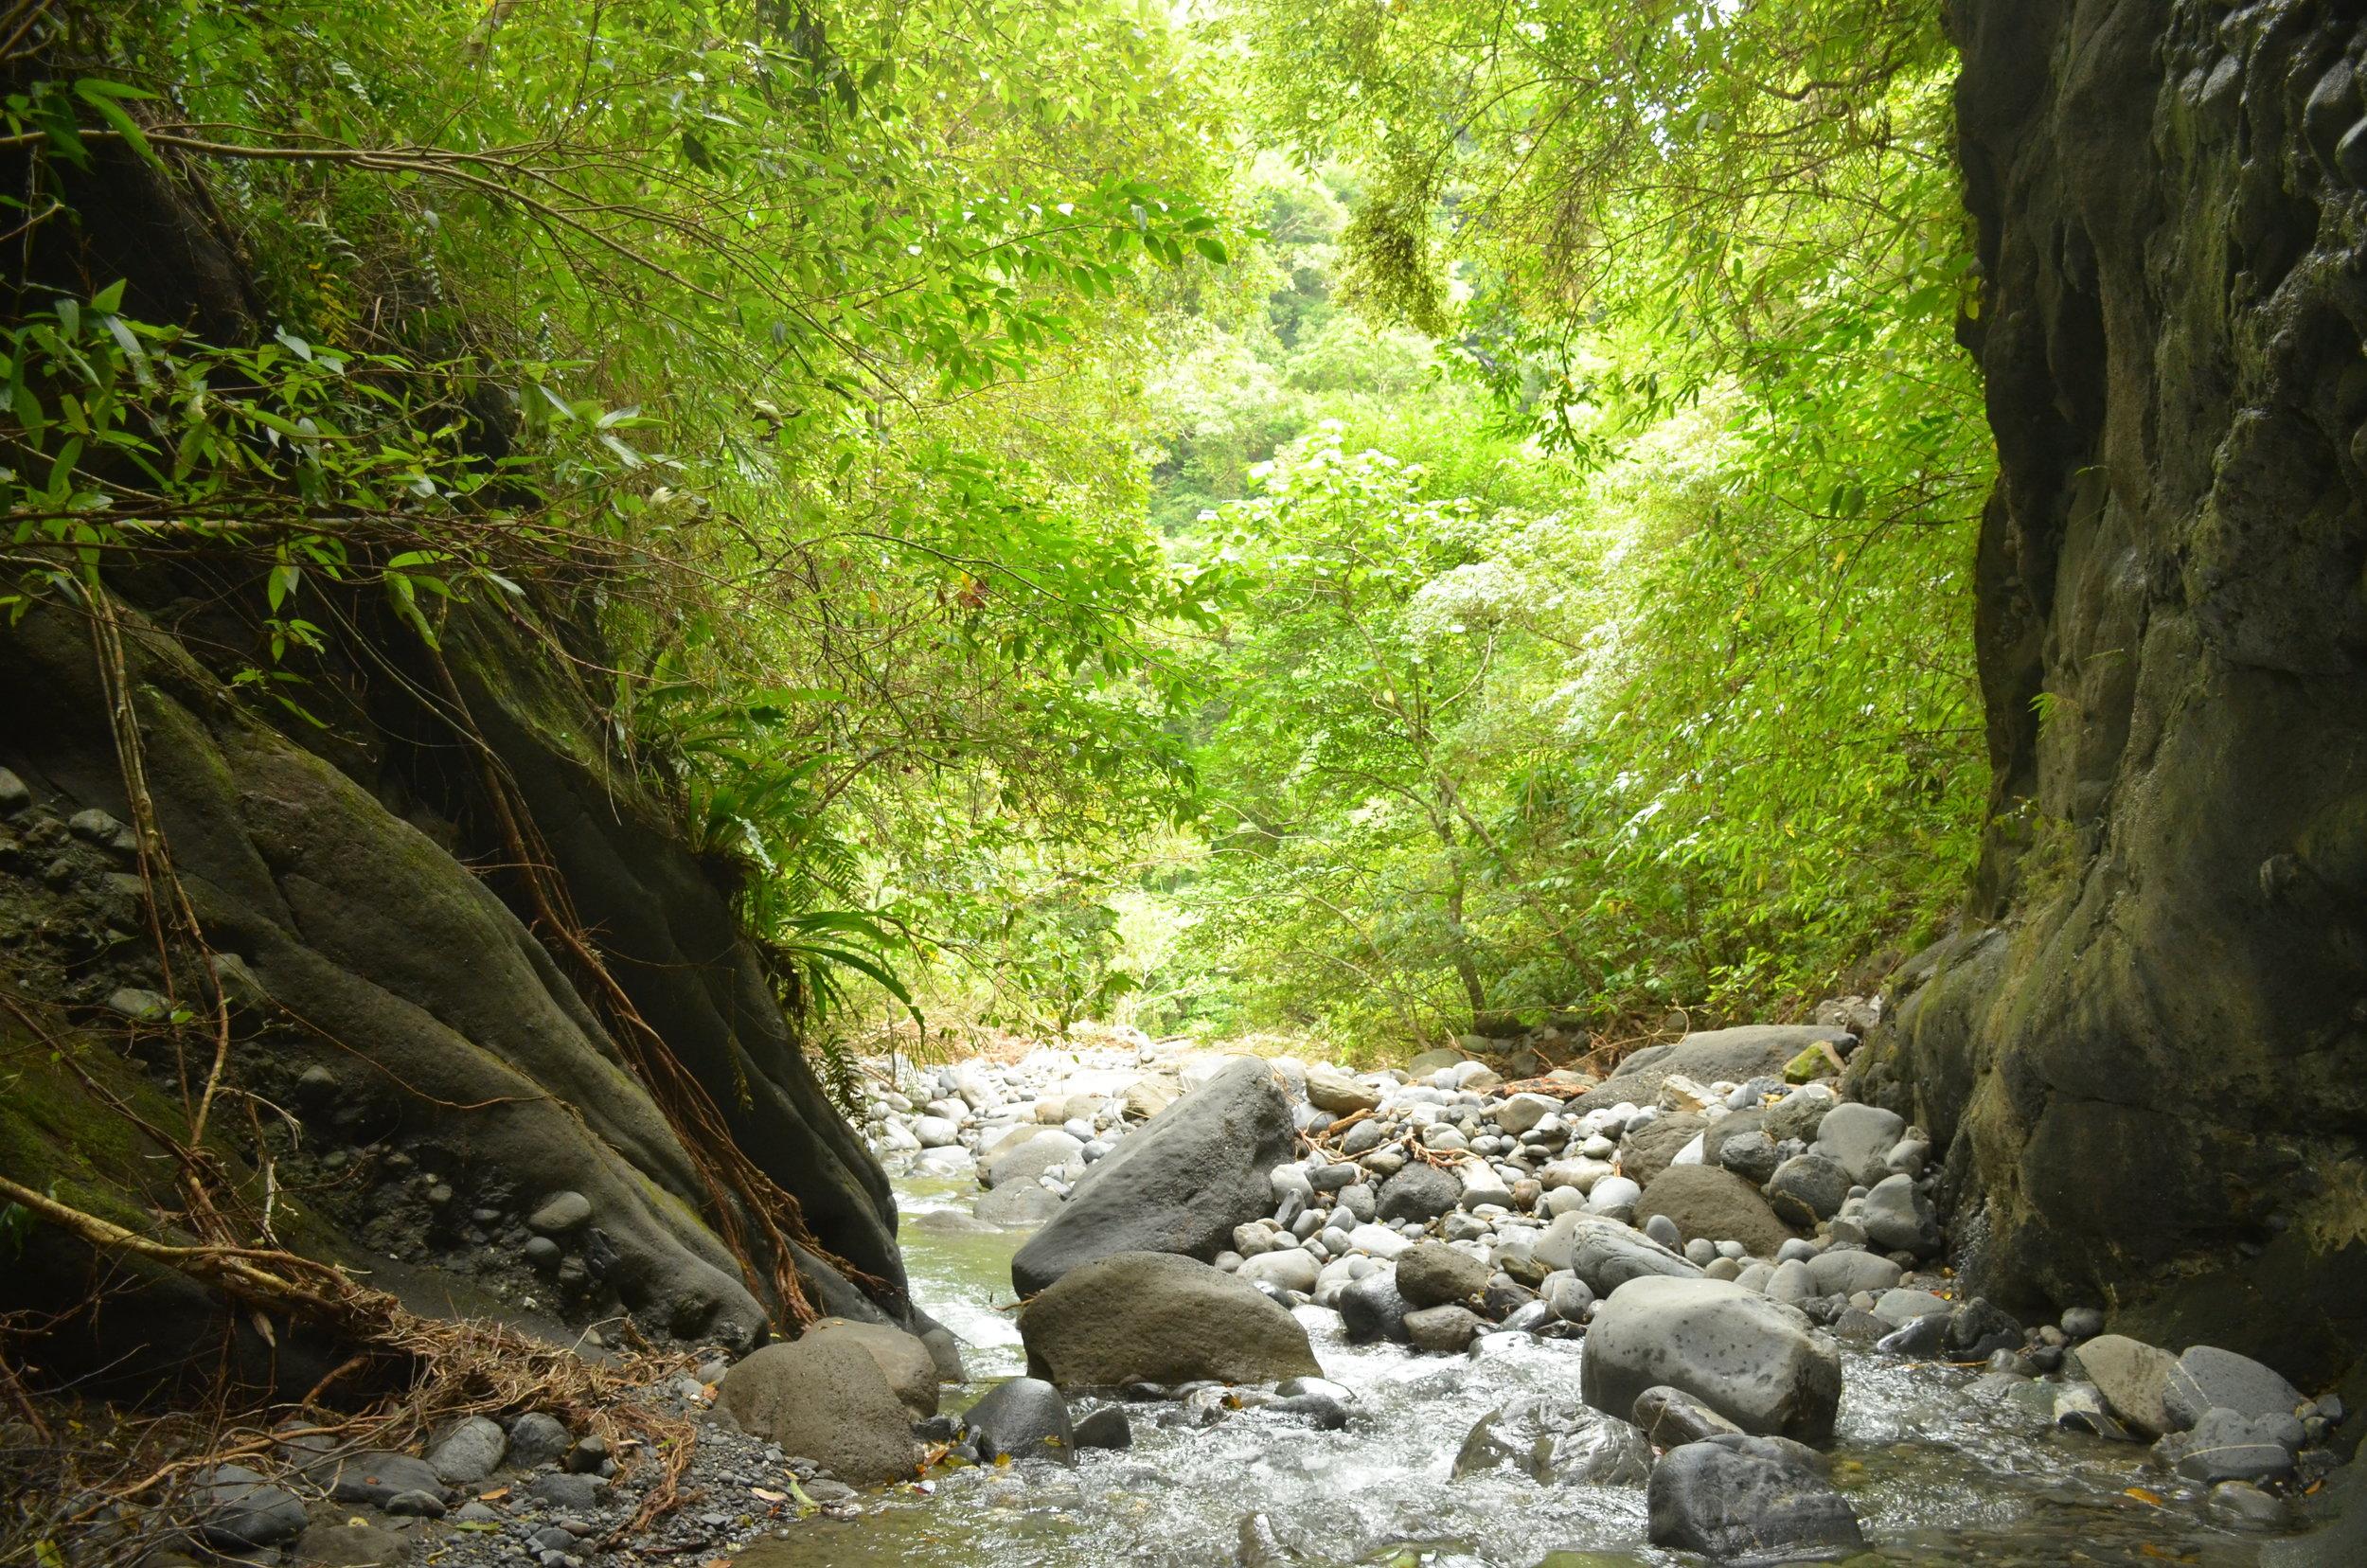 12號溪人煙稀少,山林環境非常天然